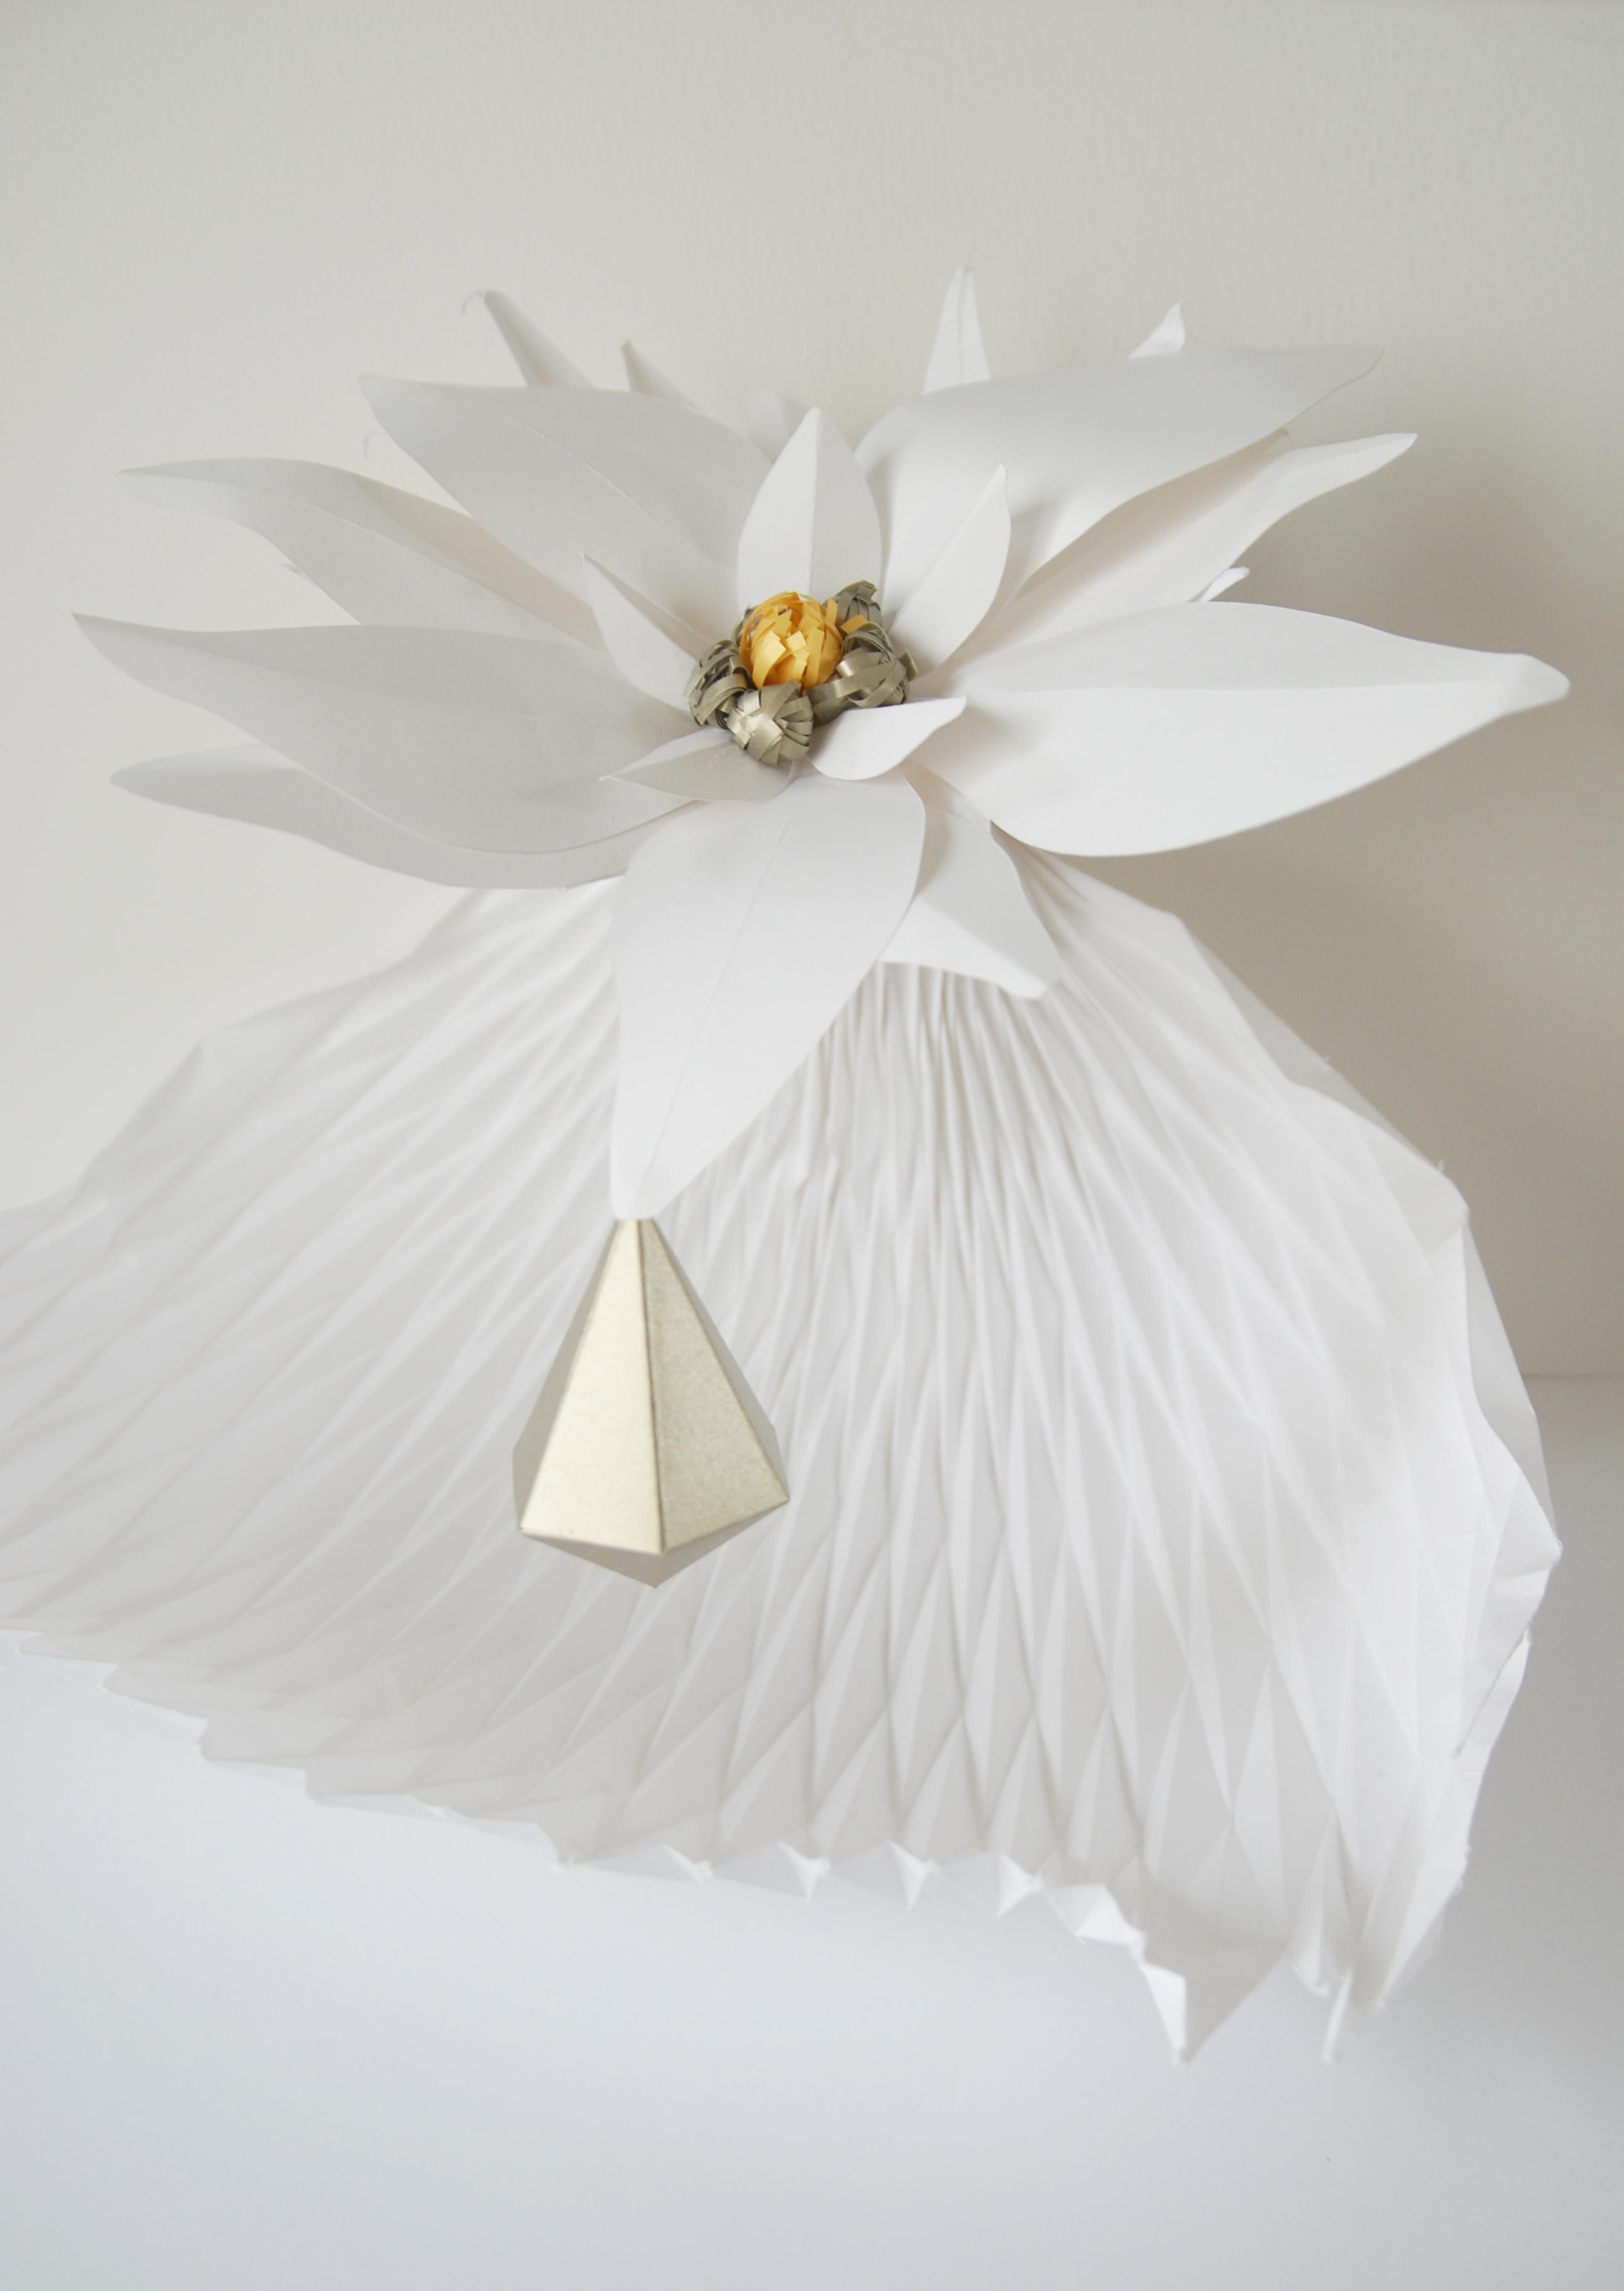 Sculpture papier, edelweiss flower paper art, diamond, jeu de plissé, goutte,  technique origami et volume 3D, étude pour Helena Rubinstein, Laure Devenelle